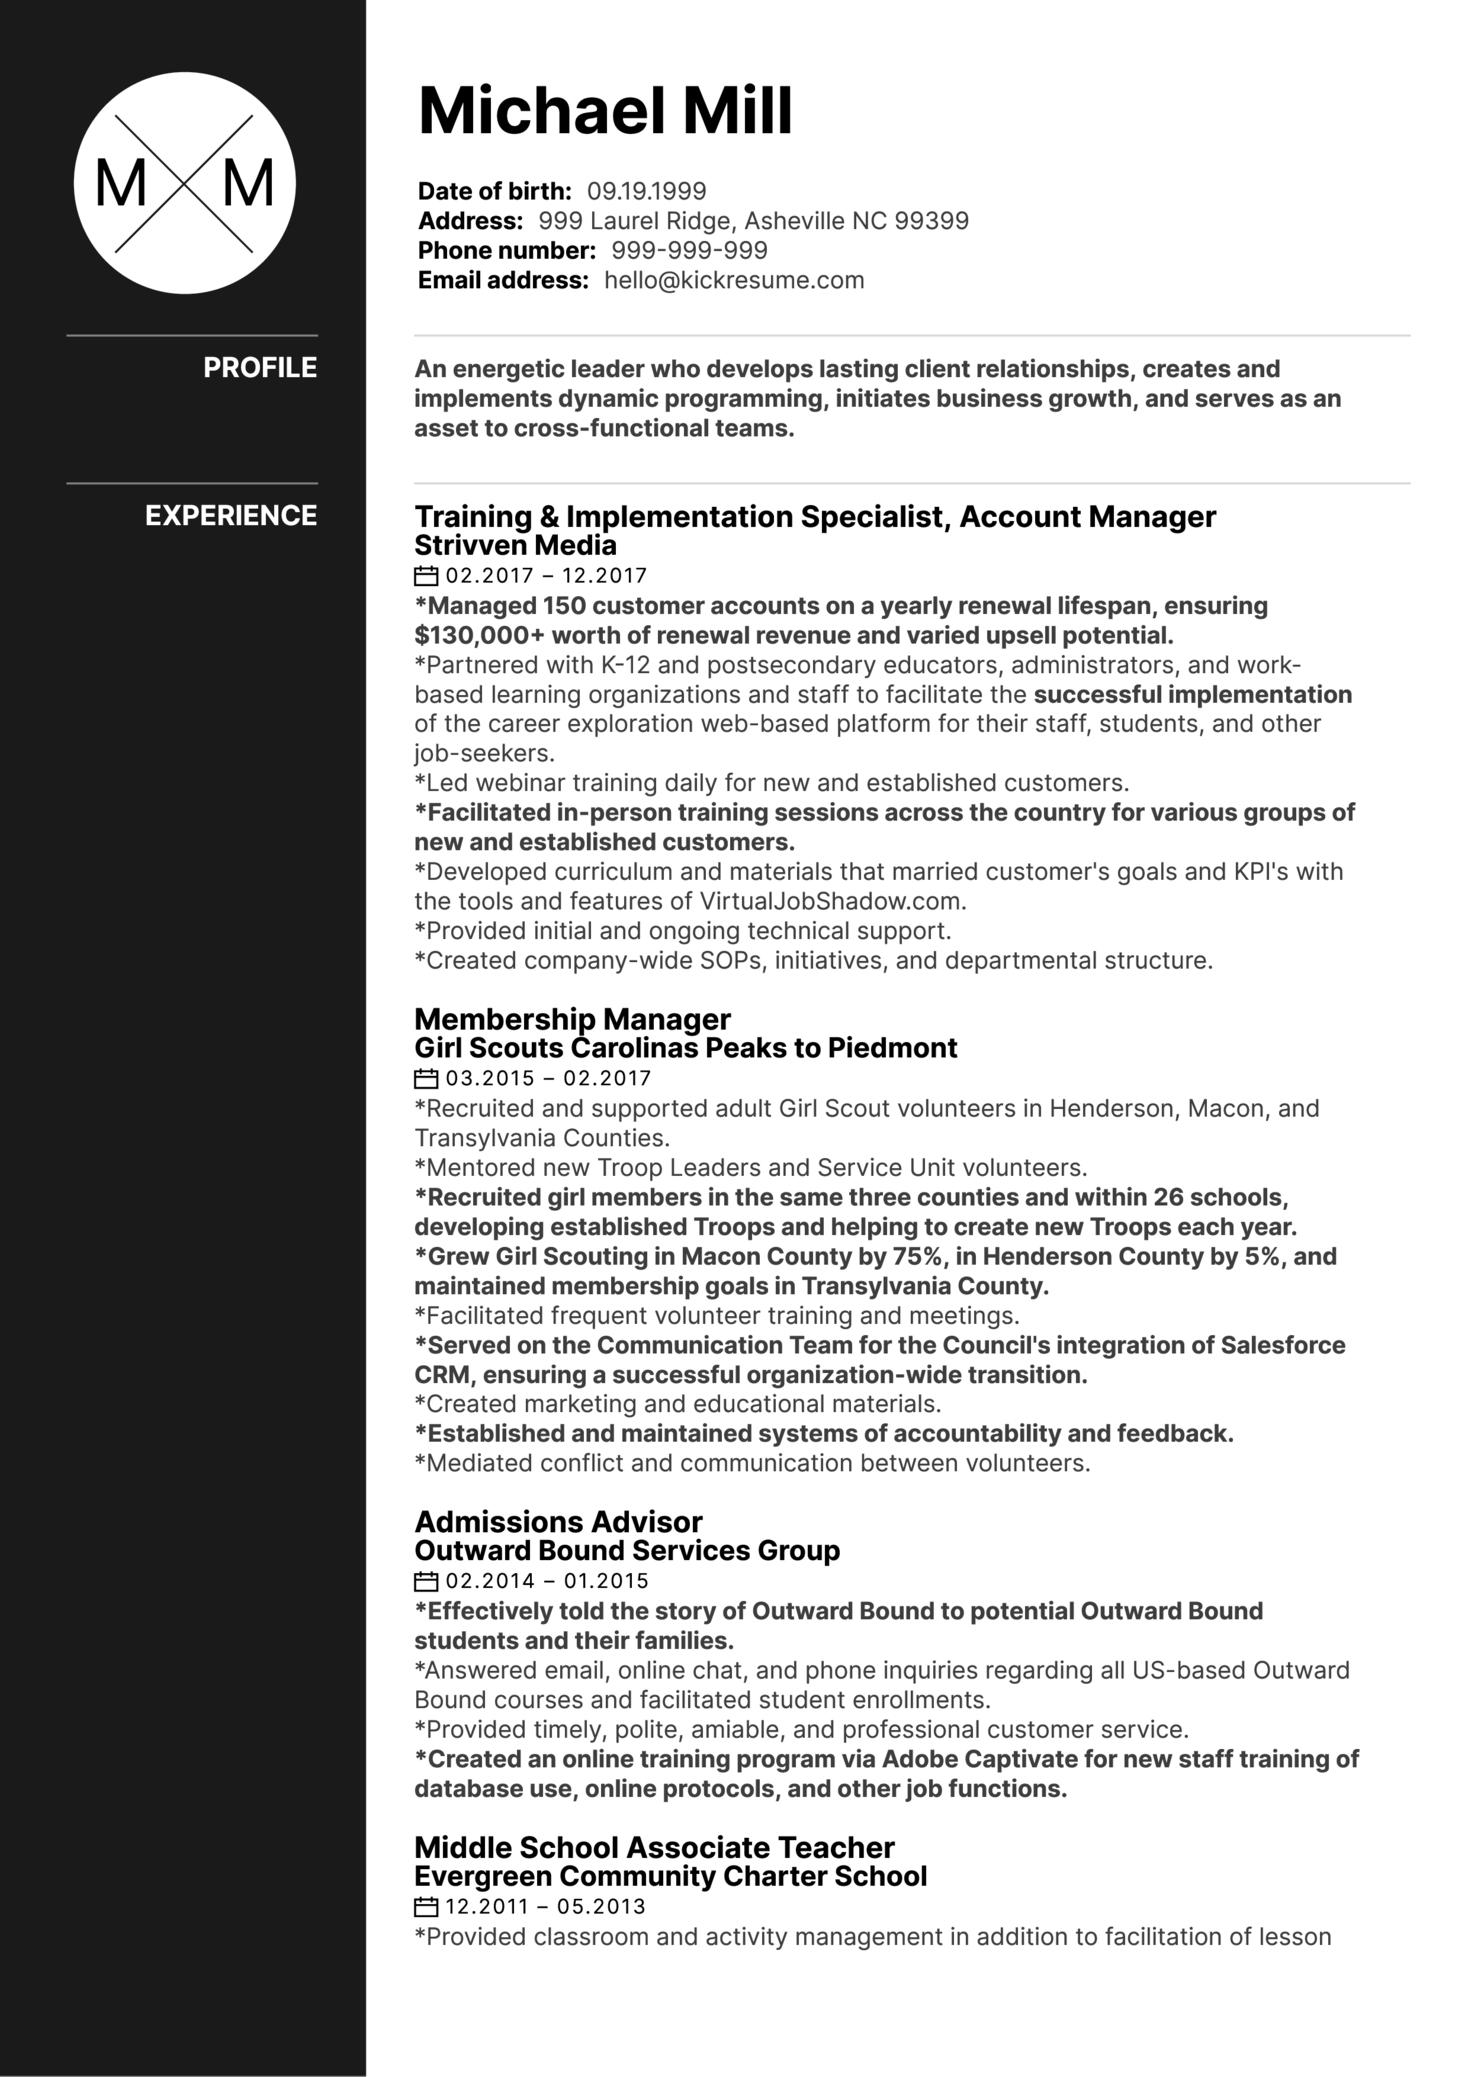 Outward Bound Associate Director CV Sample (Part 1)